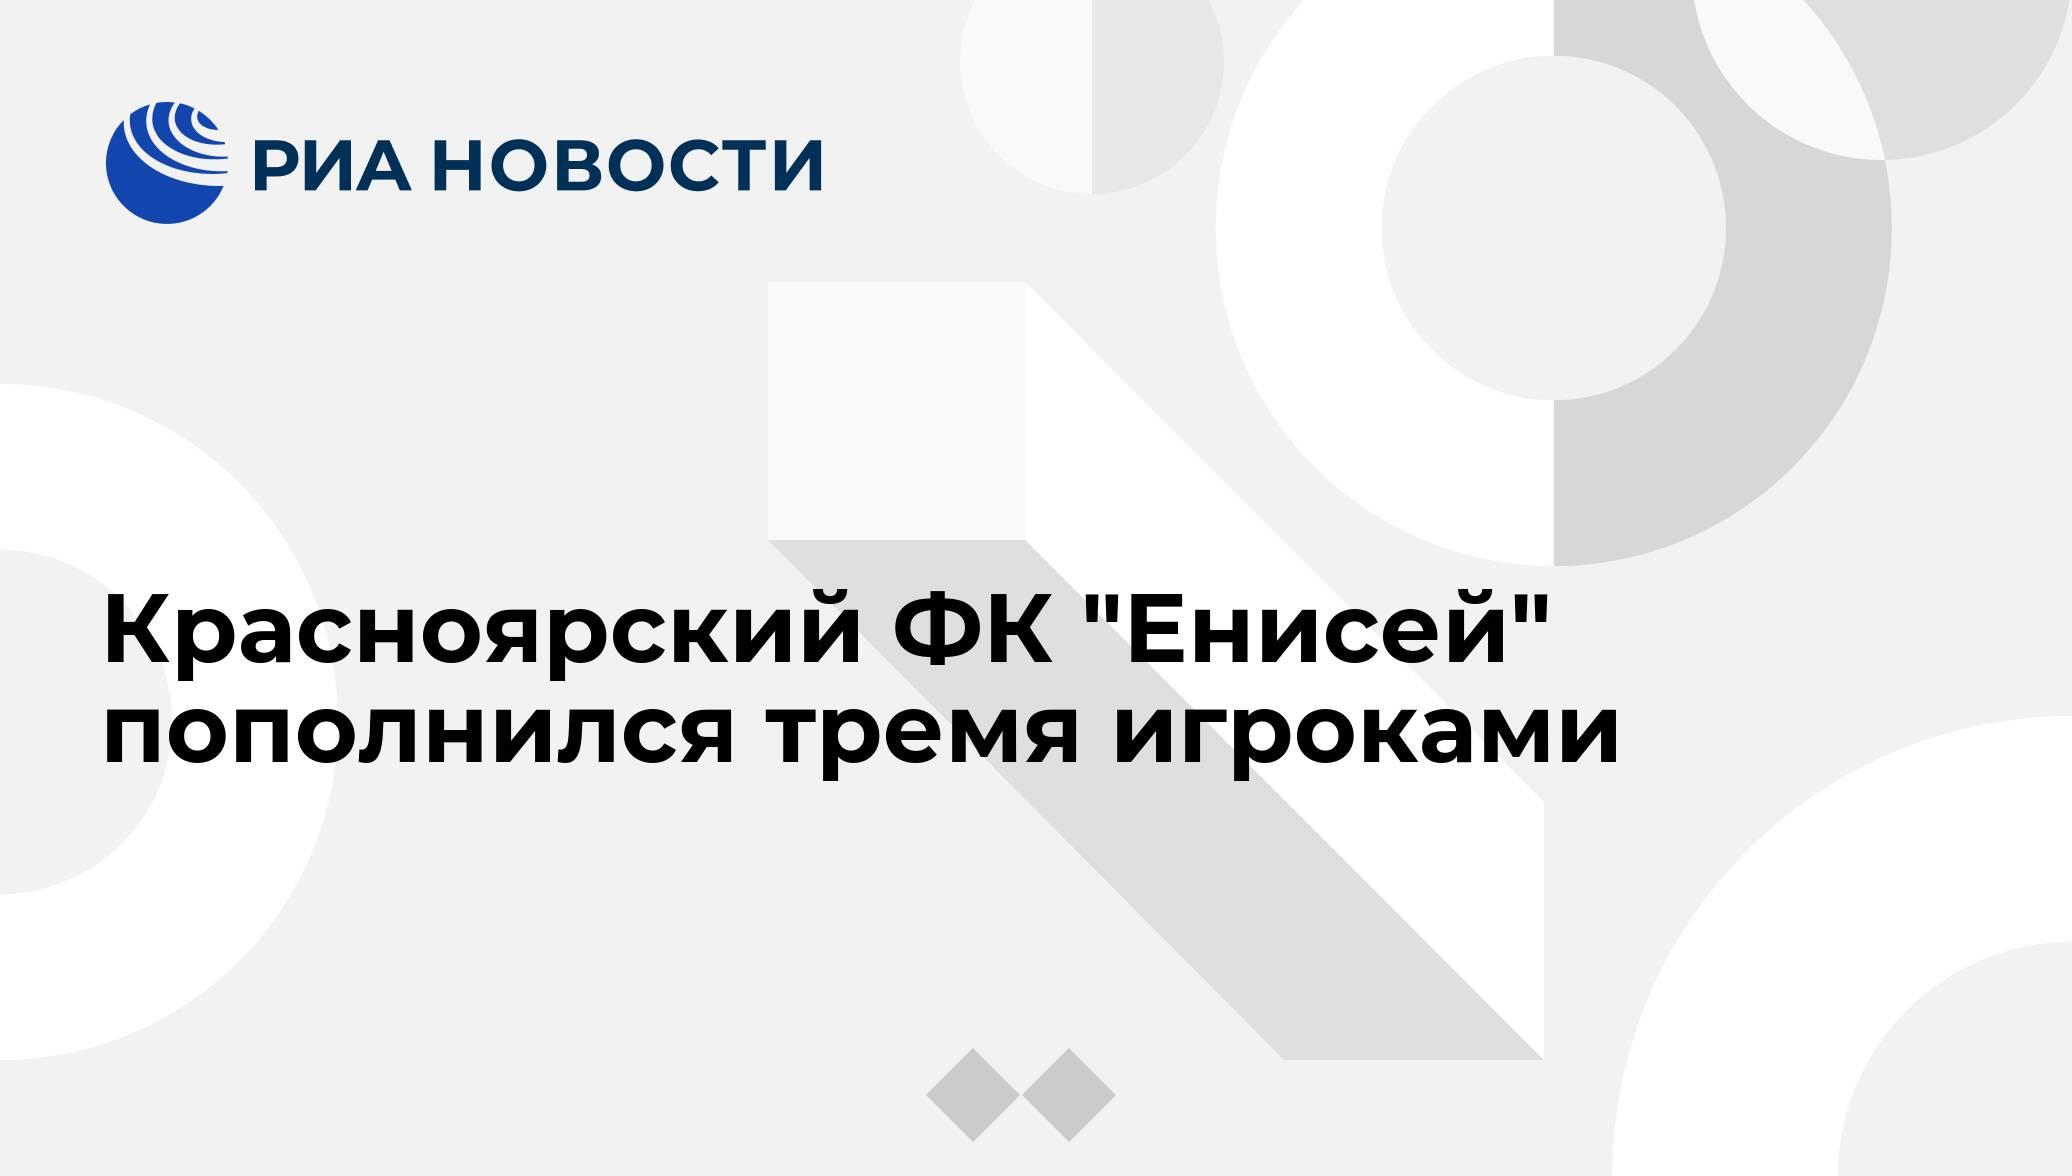 """Красноярский ФК """"Енисей"""" пополнился тремя игроками - РИА ...  Енисей ФК"""